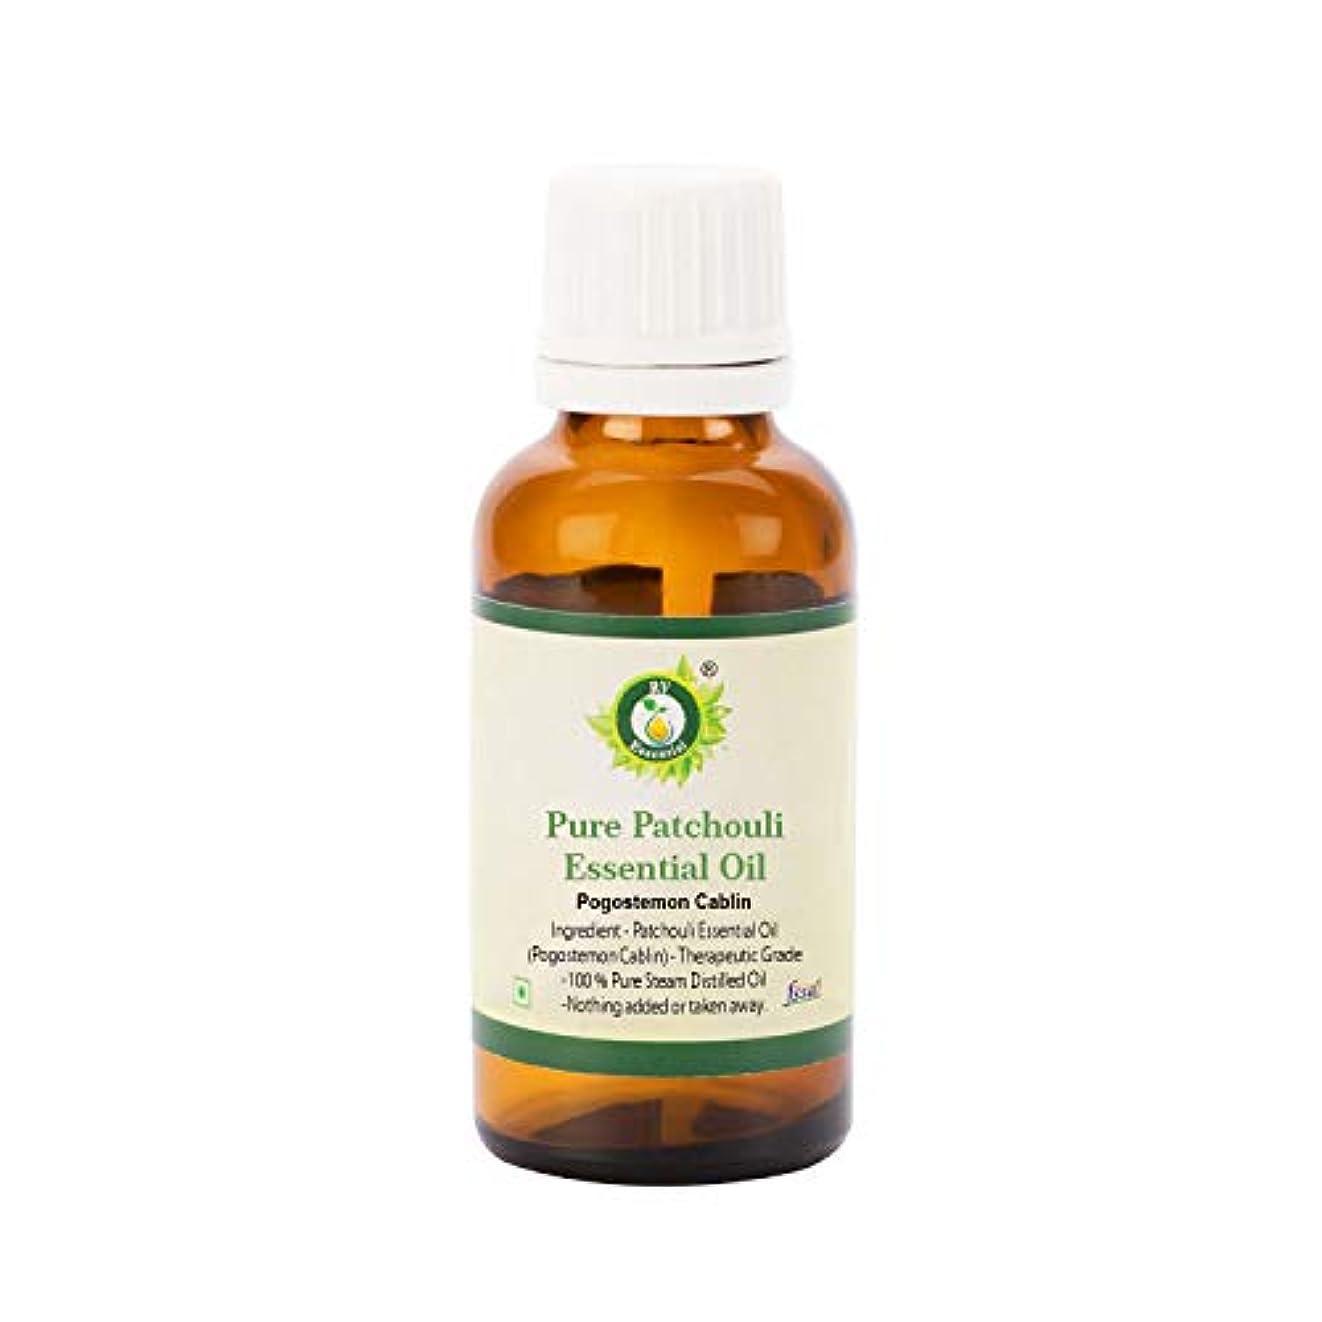 シマウマ貯水池ダーベビルのテスR V Essential ピュアパチュリーエッセンシャルオイル30ml (1.01oz)- Pogostemon Cablin (100%純粋&天然スチームDistilled) Pure Patchouli Essential Oil